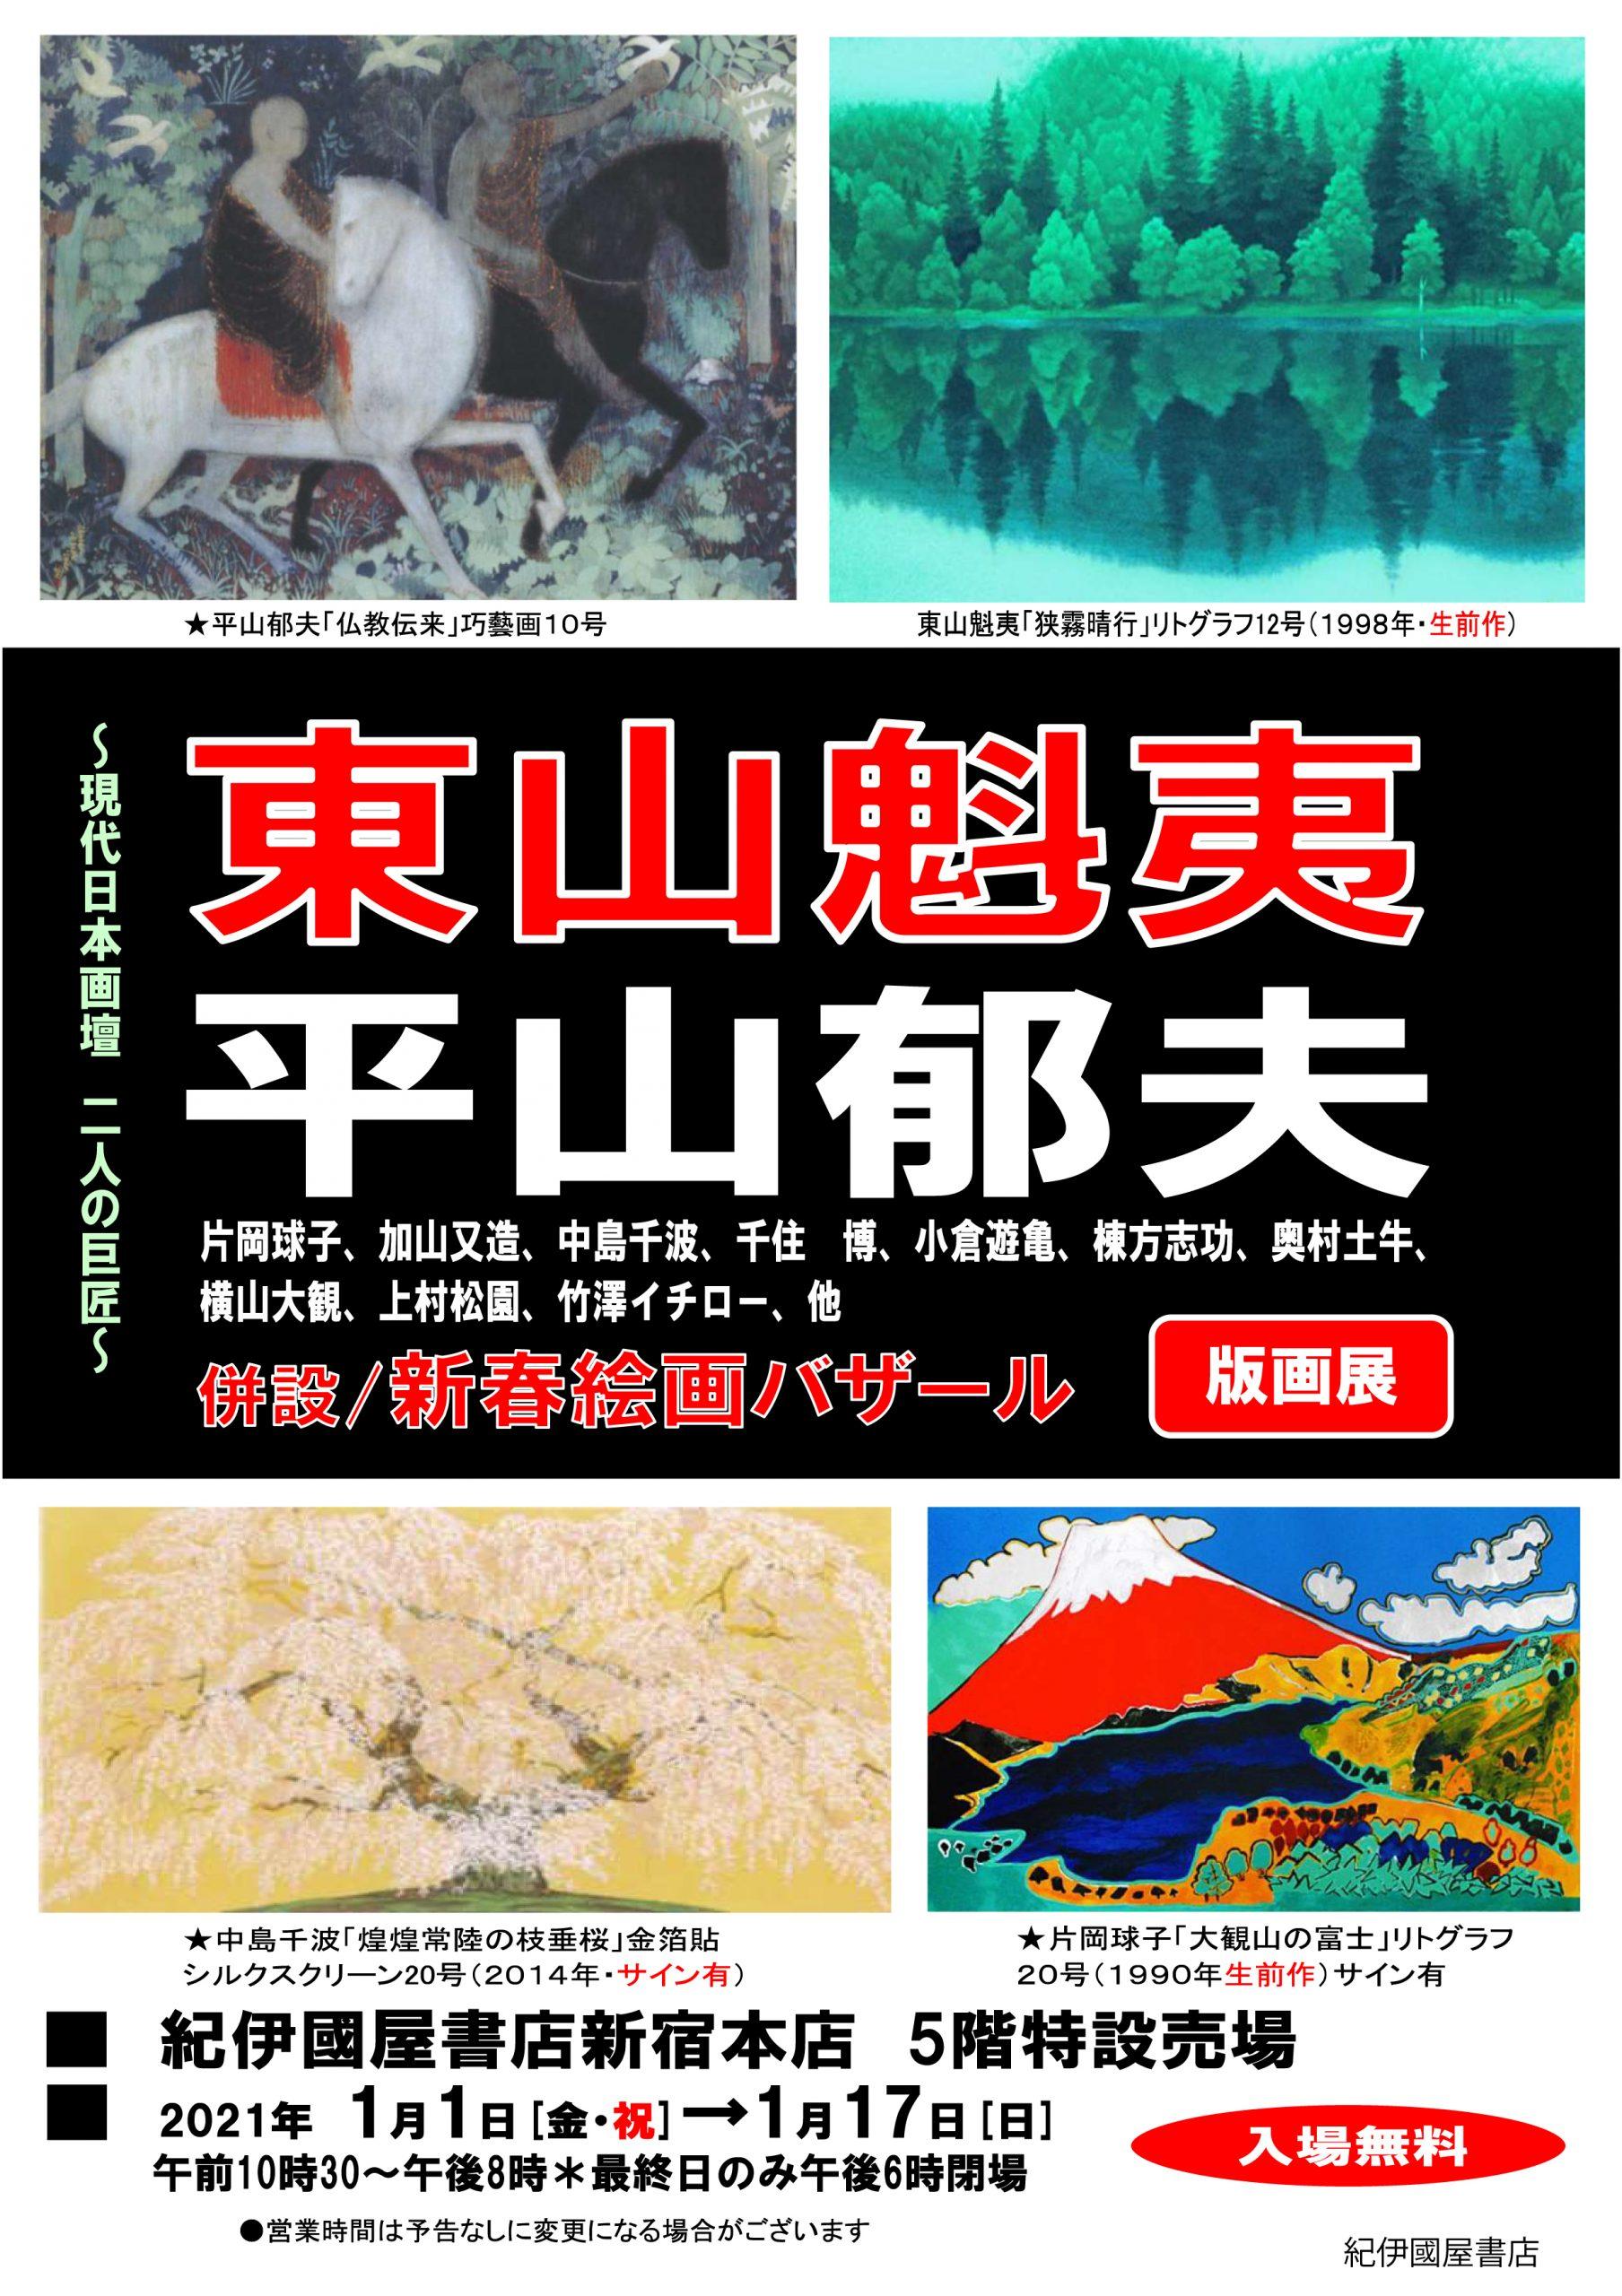 紀伊國屋書店:現代日本画壇 二人の巨匠 東山魁夷・平山郁夫版画展